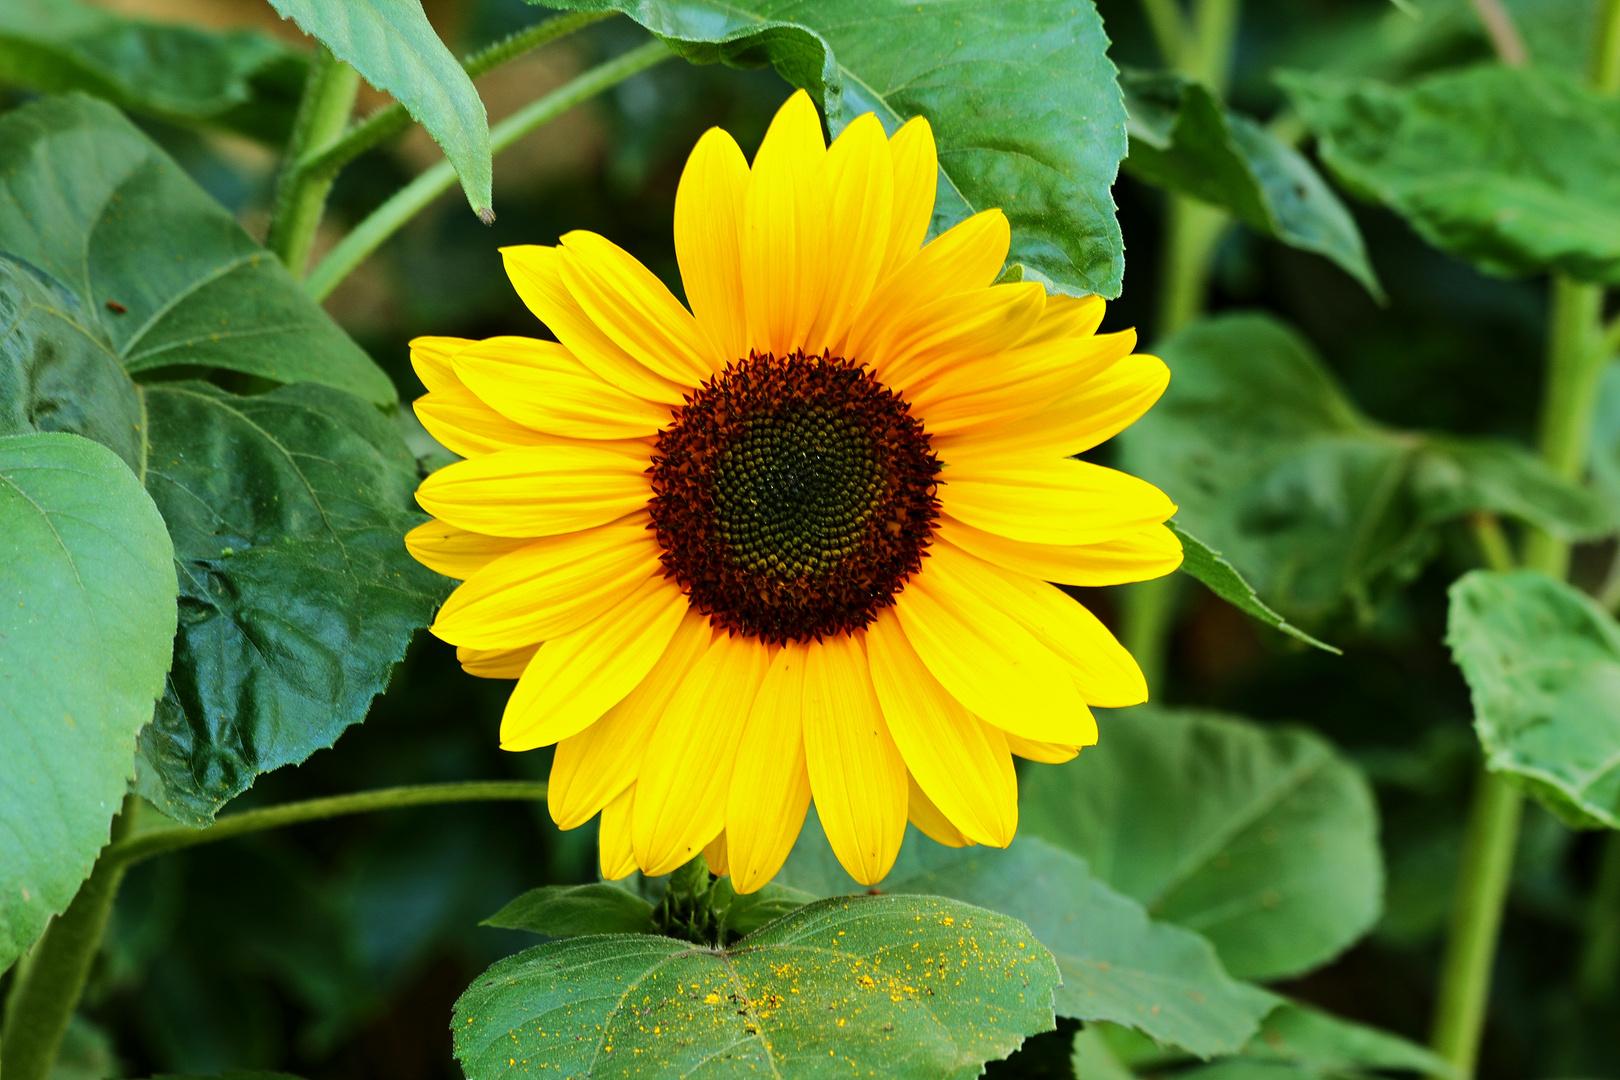 fleur de tournesol. photo et image | fleurs, fleurs insectes